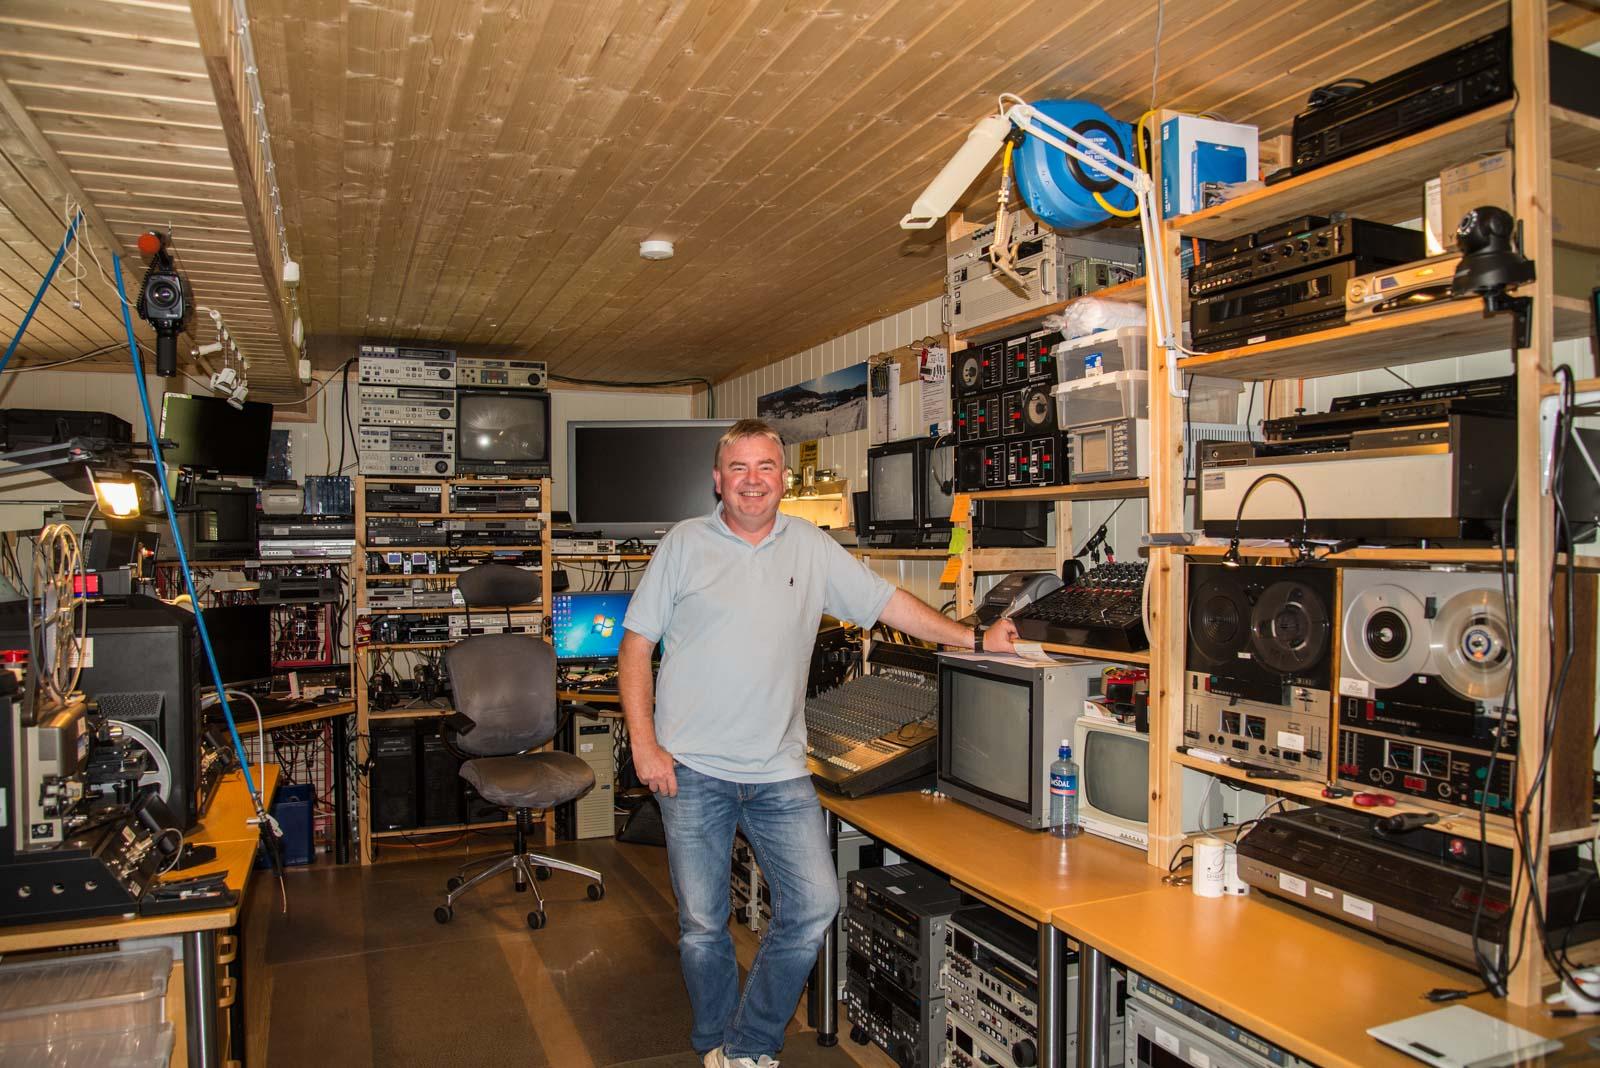 Det er mye utstyr som skal til for å konvertere analog film og lyd til digitalt